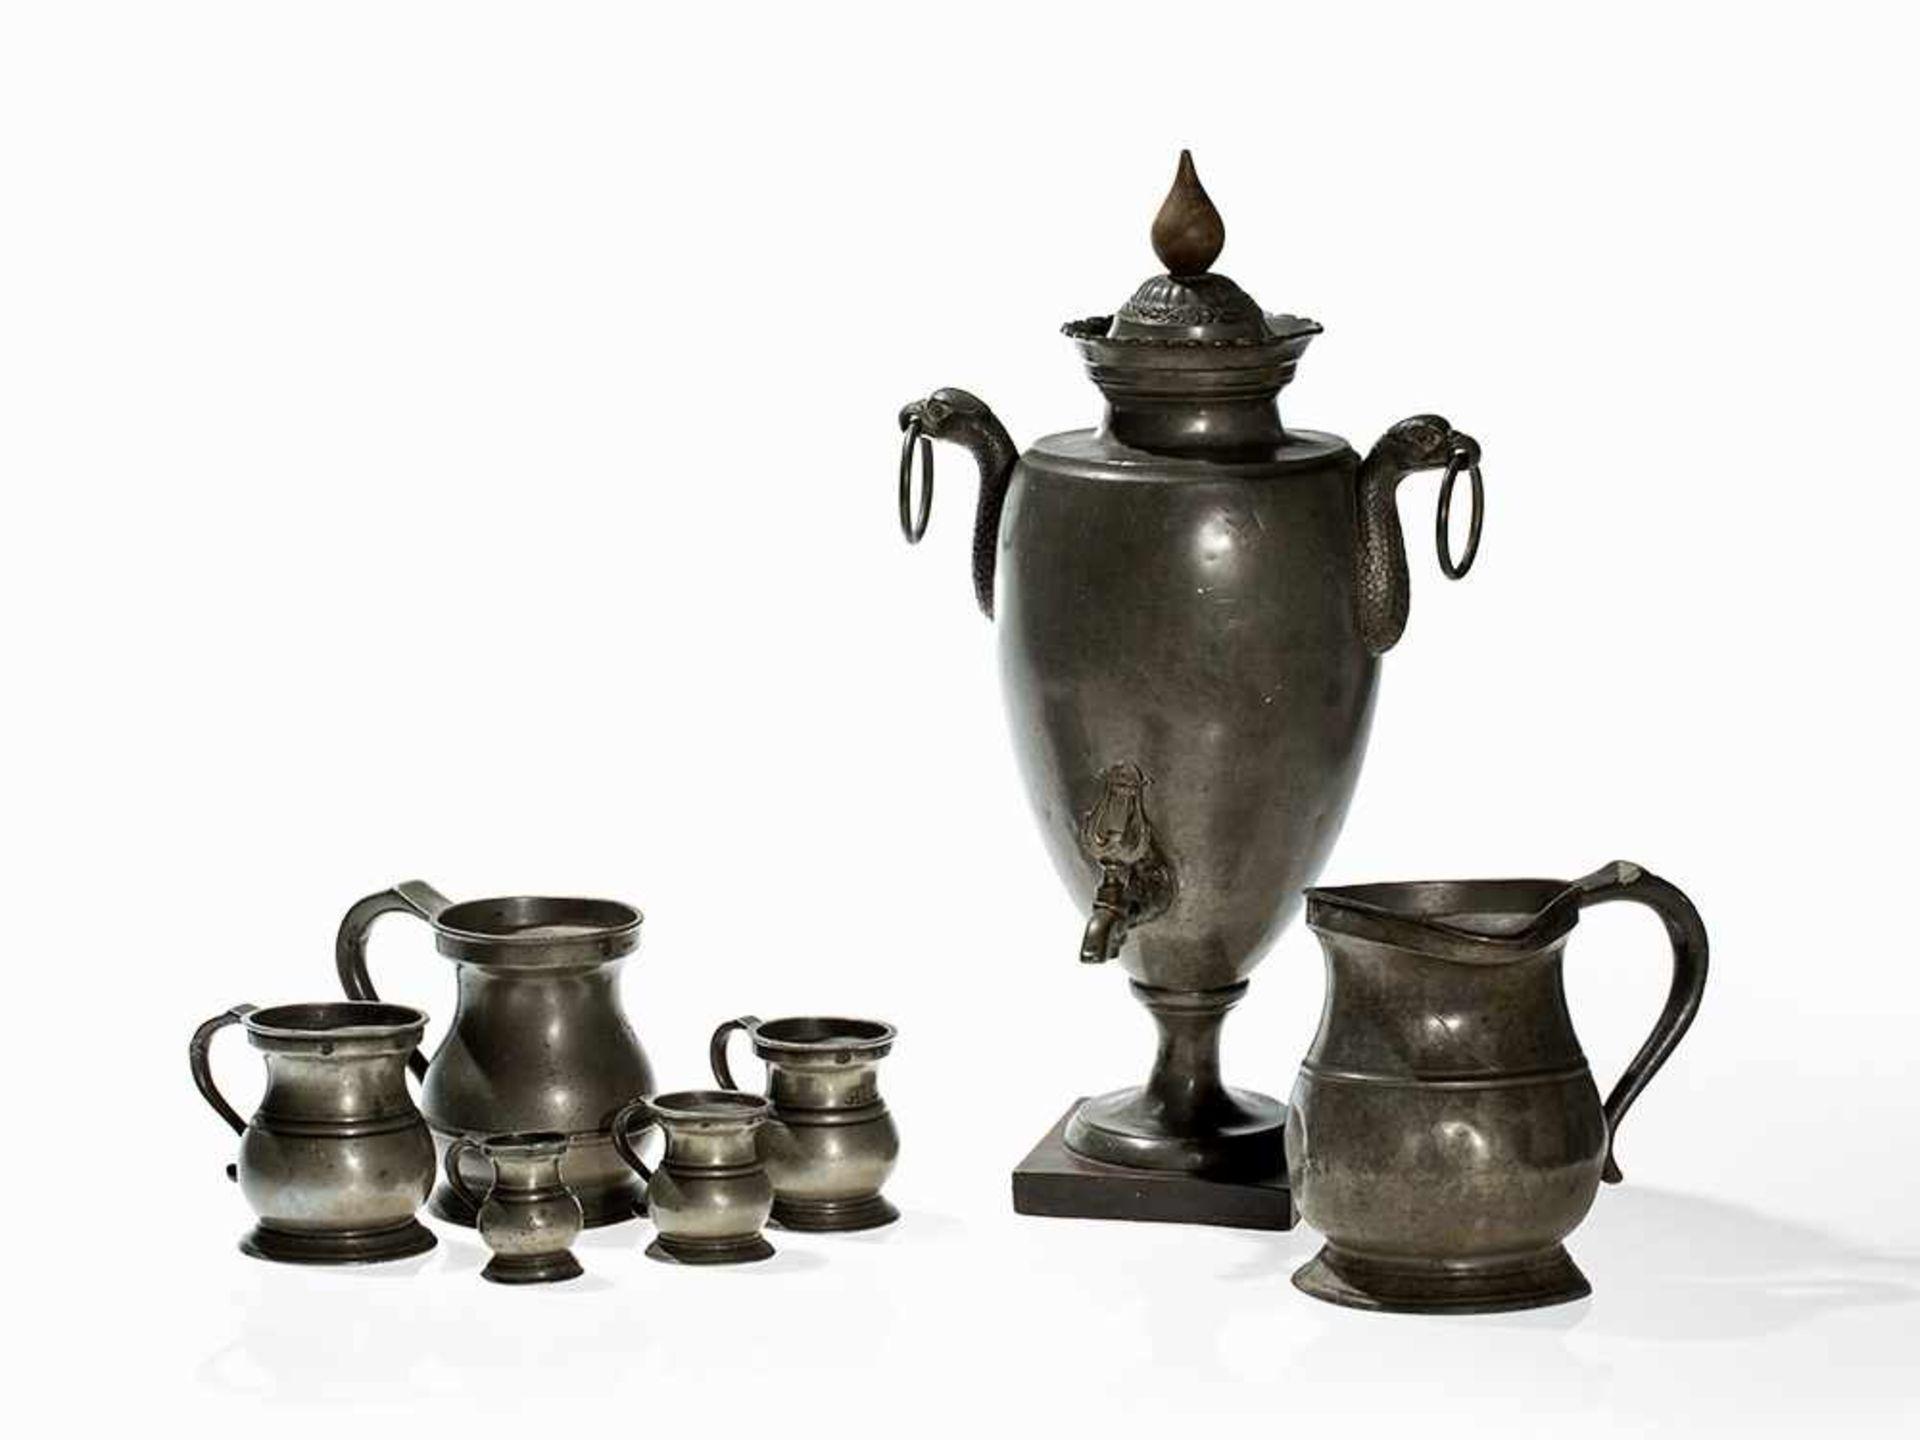 Los 104 - Wasserspender mit 6 Messbechern, Deutschland/England, 1800-80 Zinn, Holz. Ein Wasserspender aus